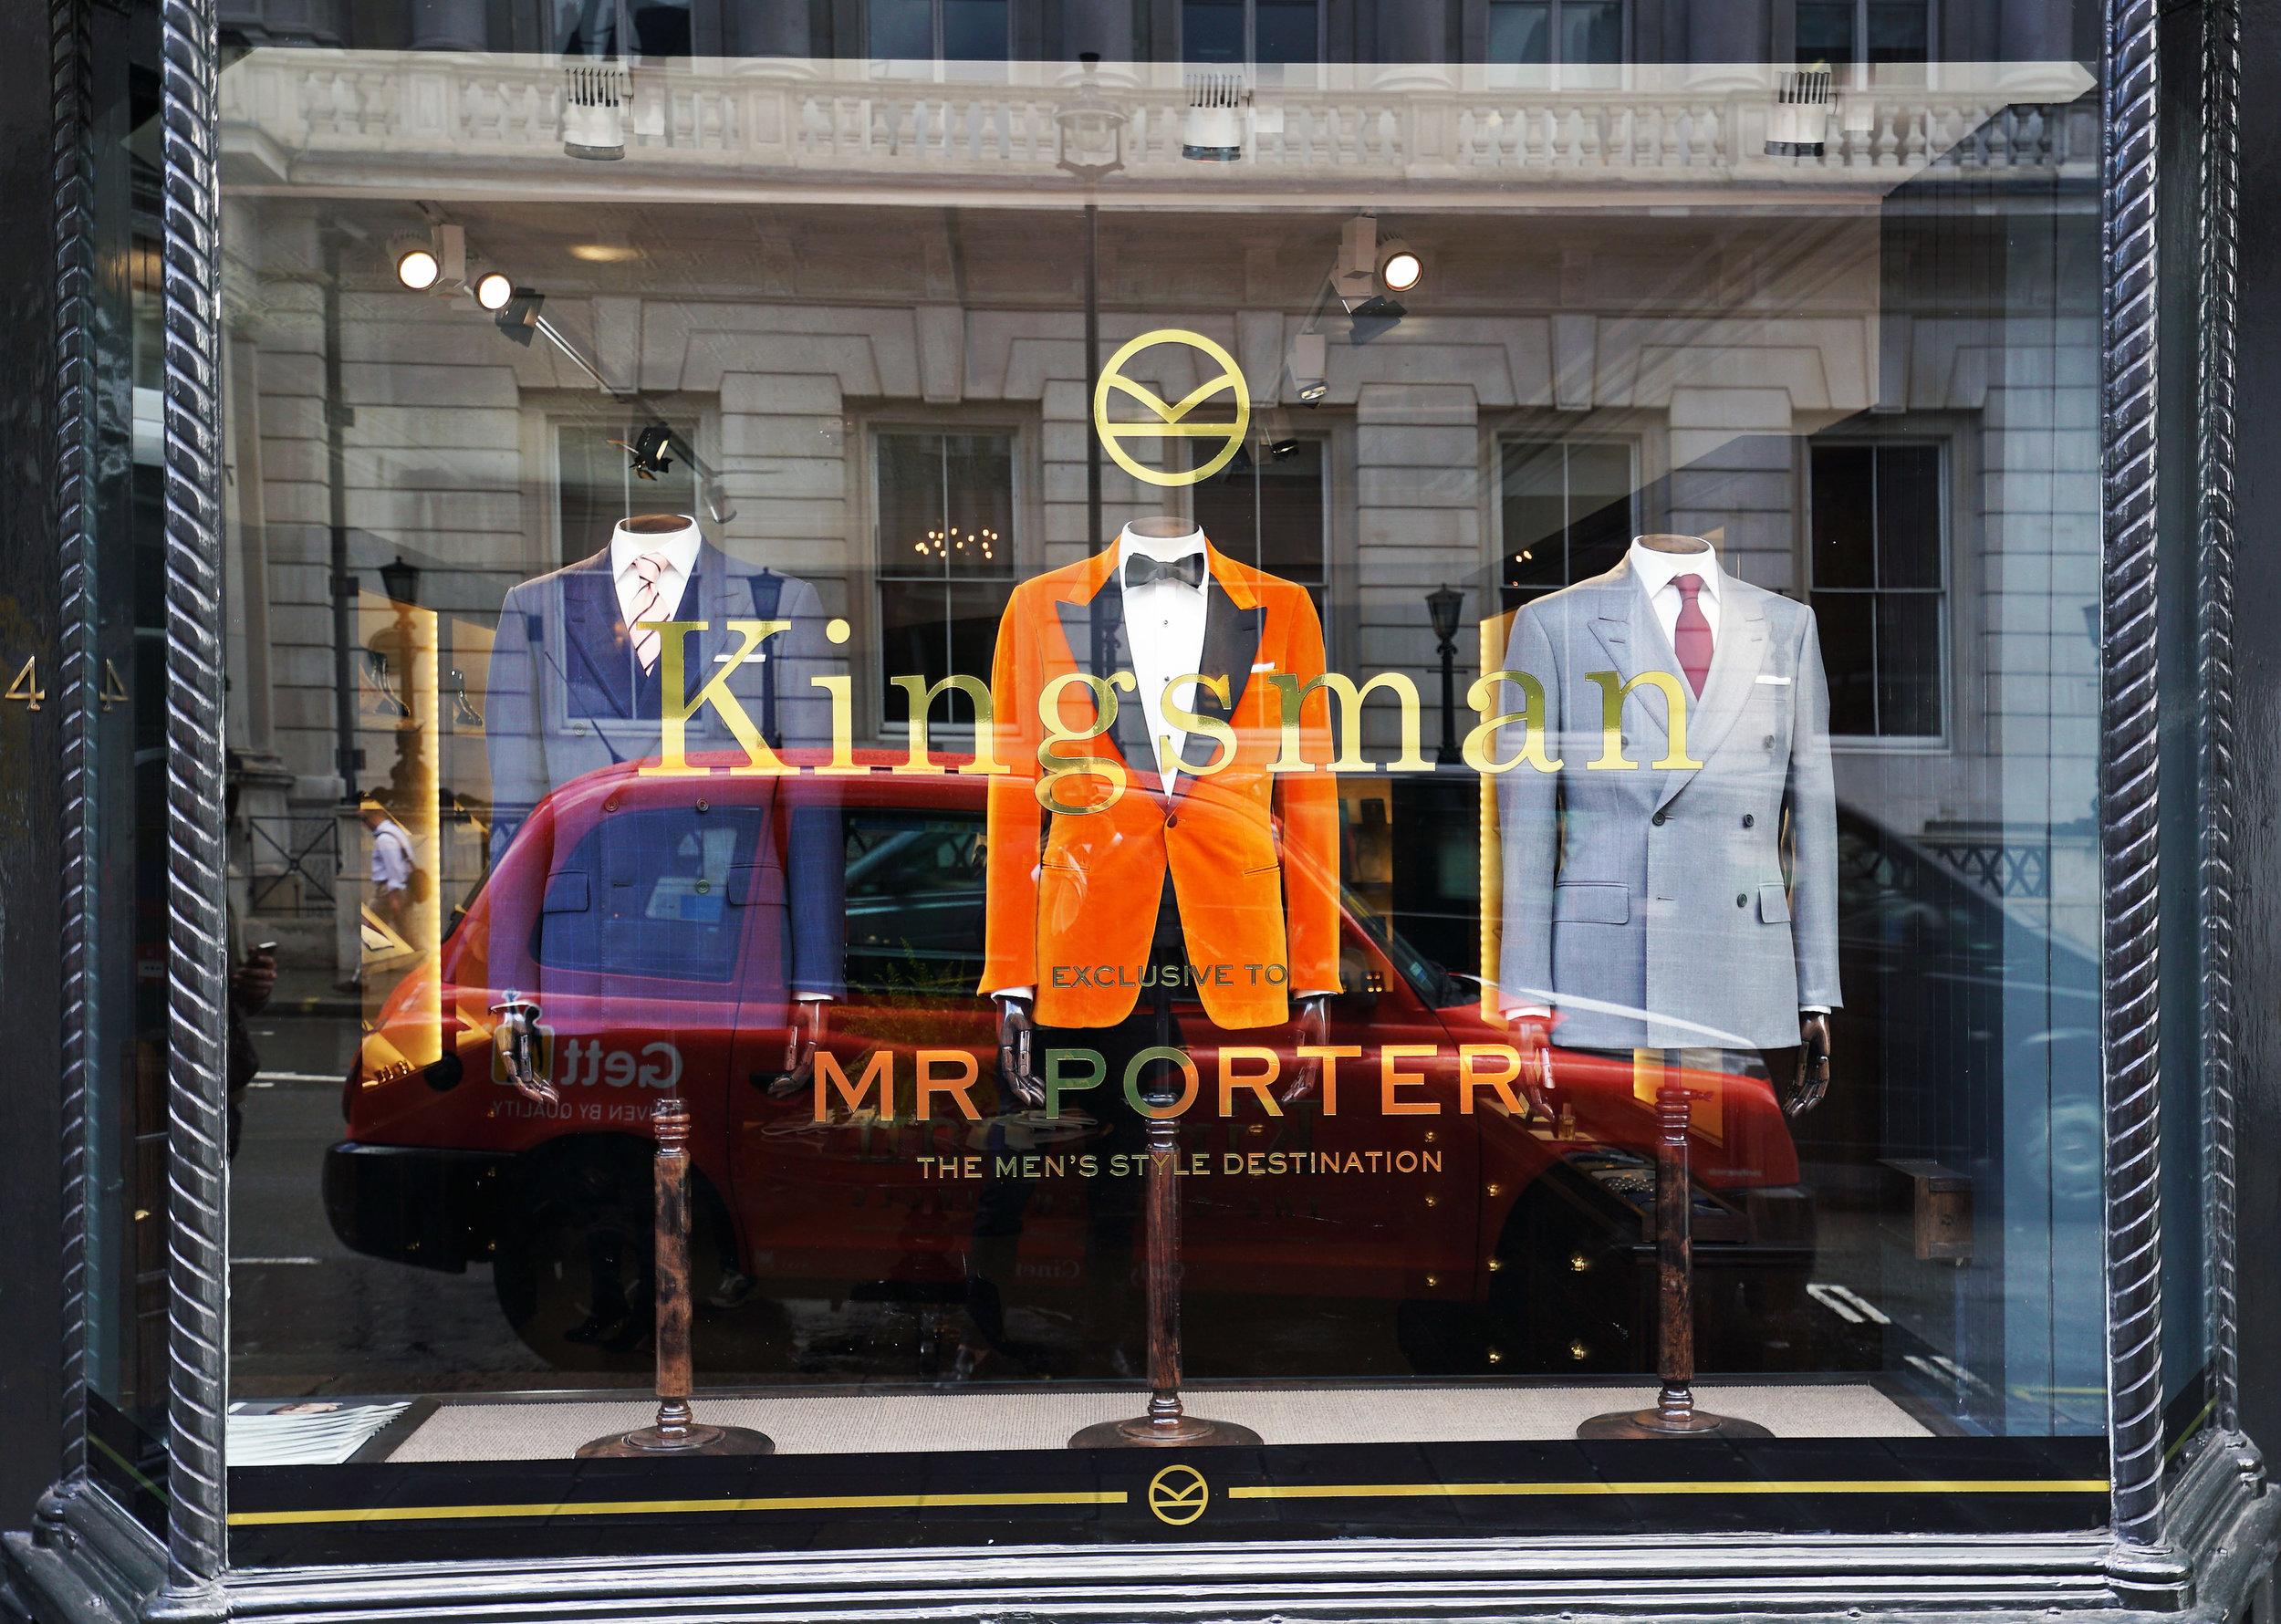 Kingsman x Mr Porter.jpg